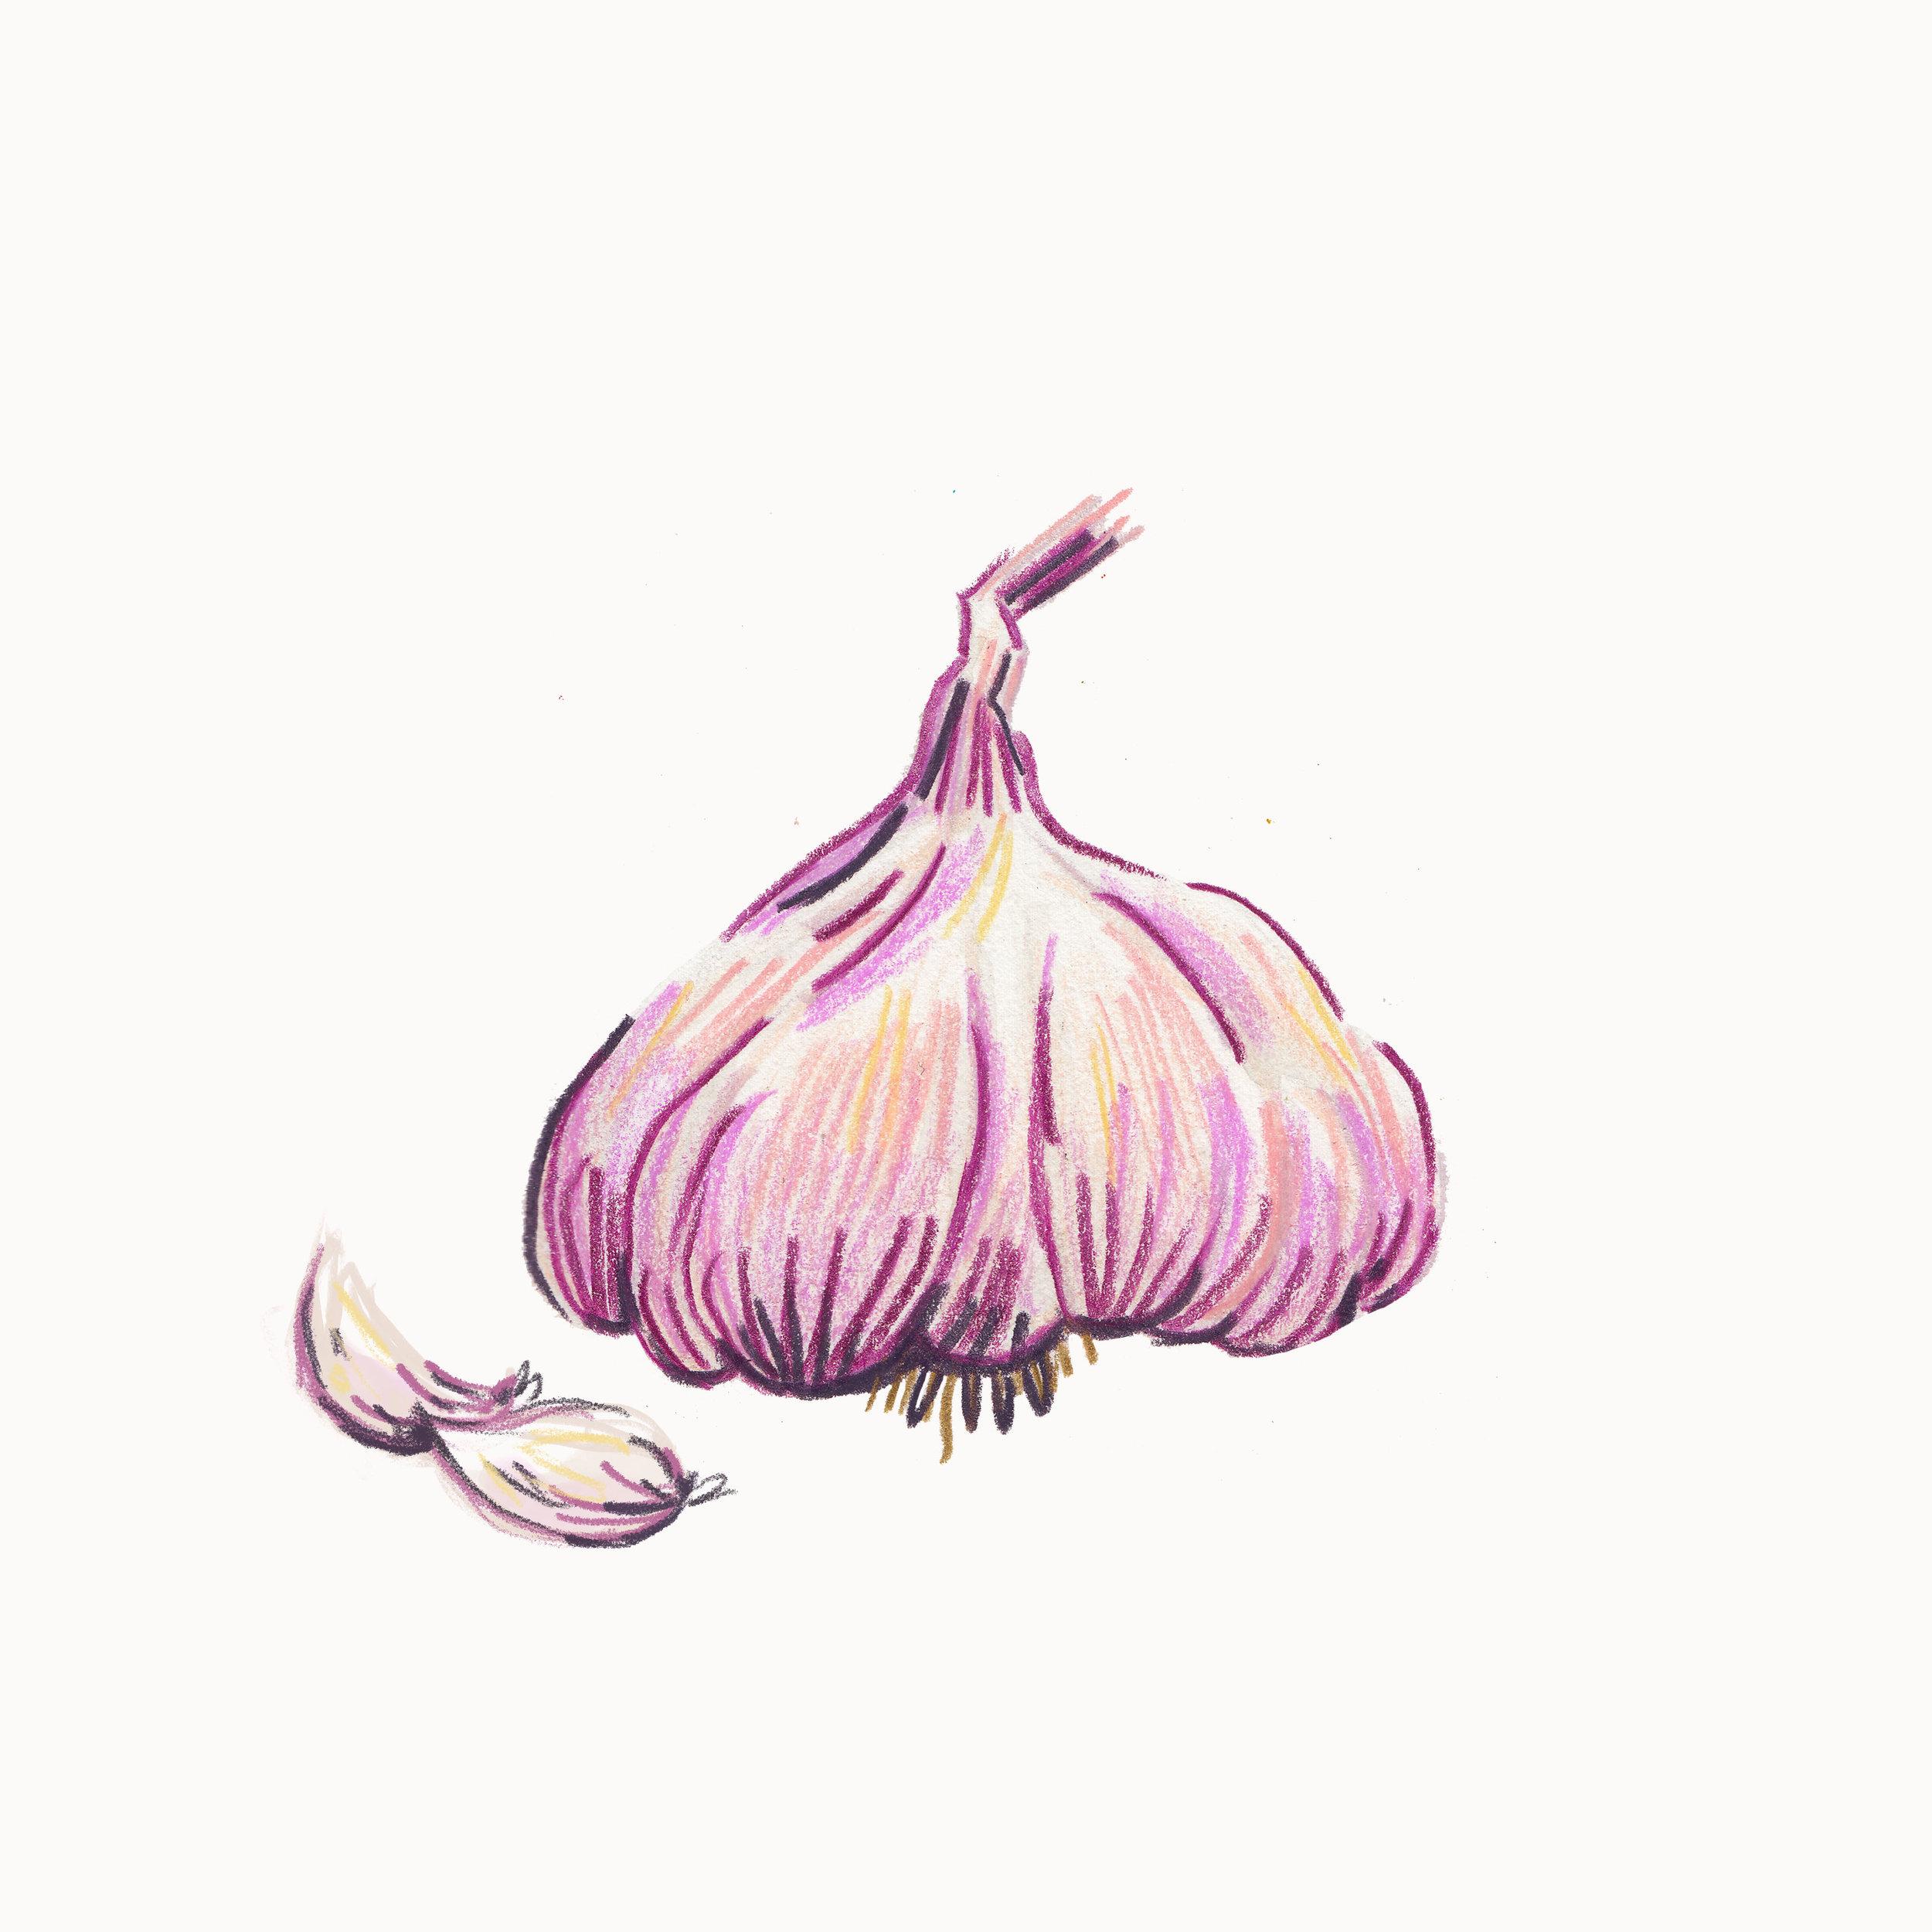 014-Garlic.jpg